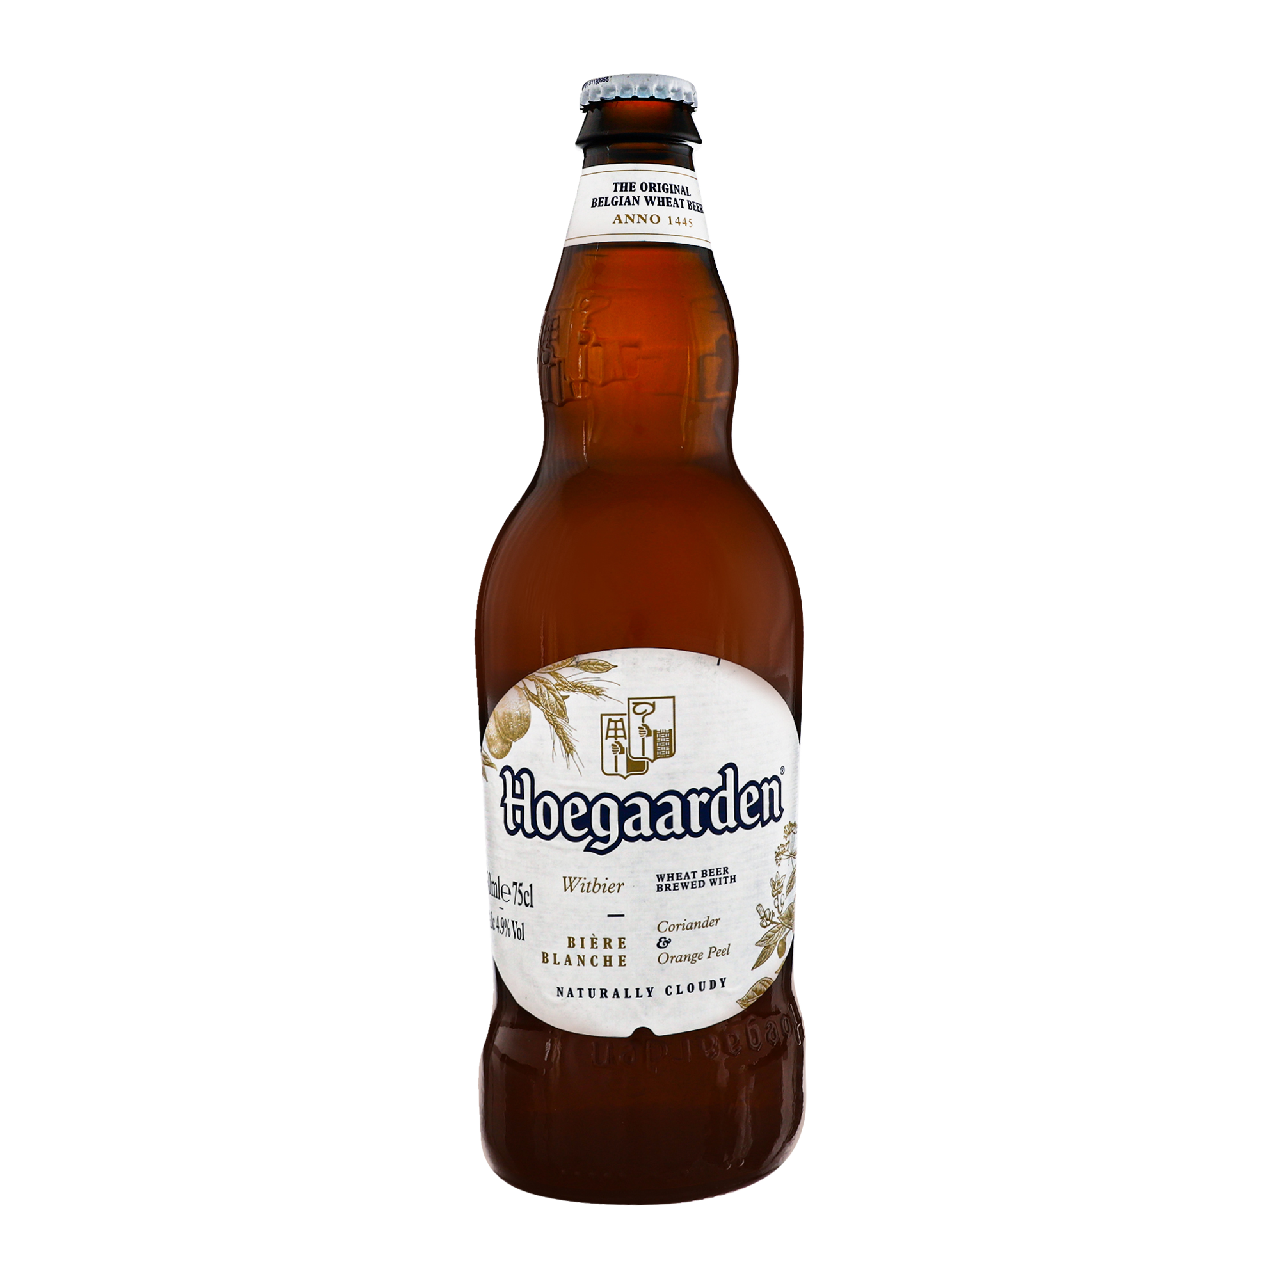 Пиво Hoegaarden Вlanche світле пастеризоване 4.9% 0.75л